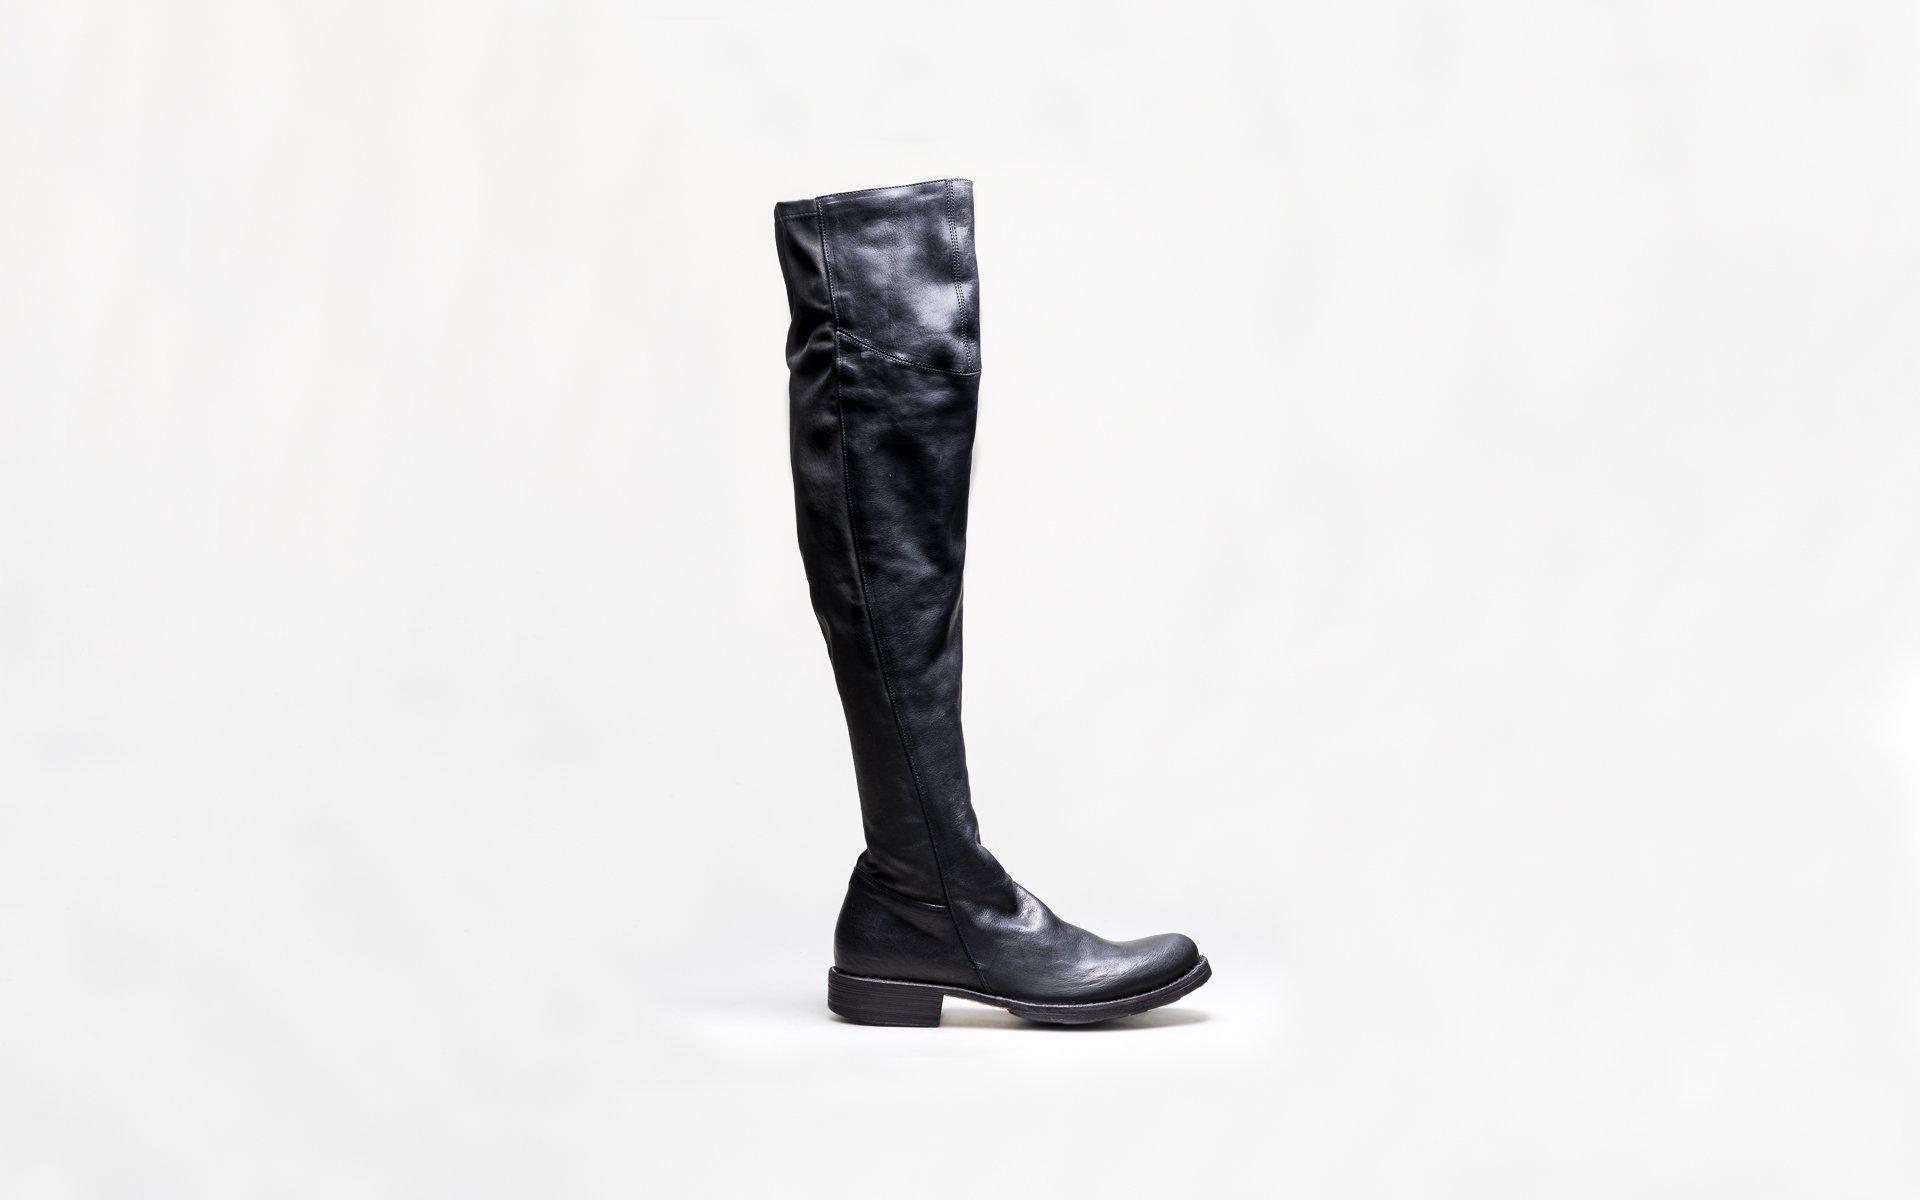 Eternity_Evita_OverthekneeBoot_Black_Leather-1.jpg